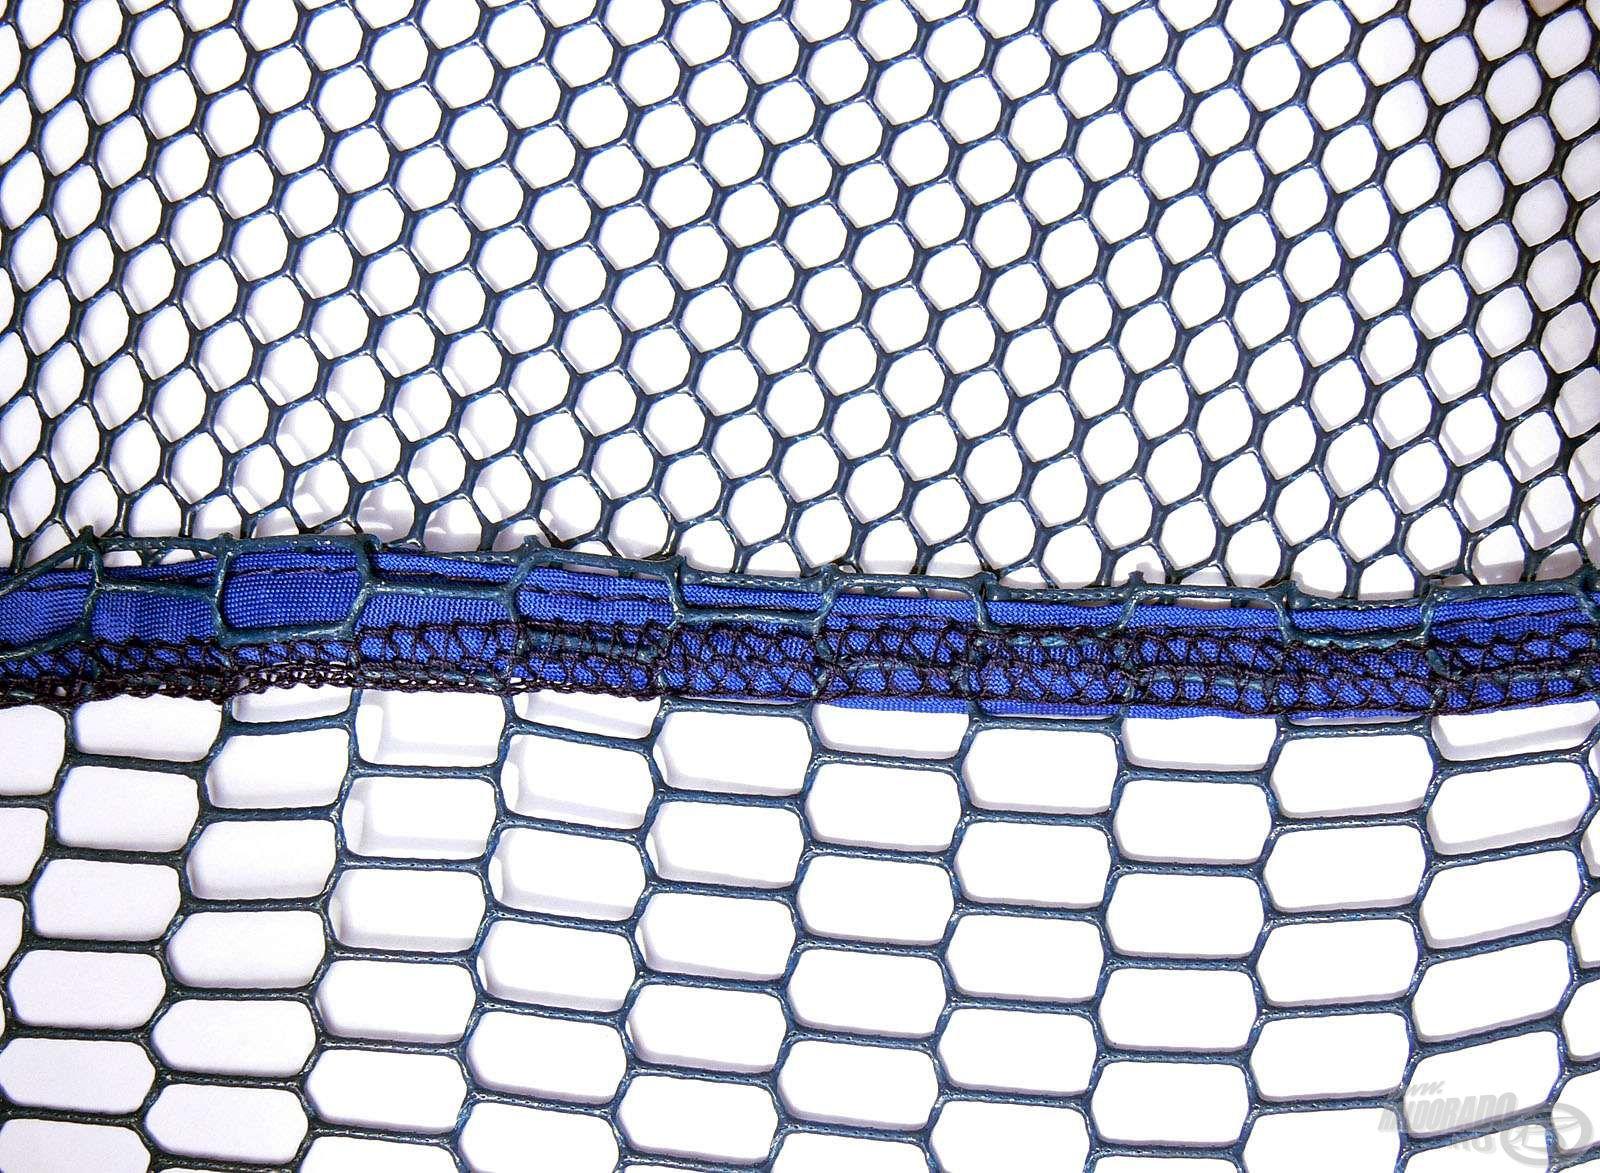 Ennél a fejnél is két eltérő lyukbőségű hálóanyag találkozik az erős varrásnál